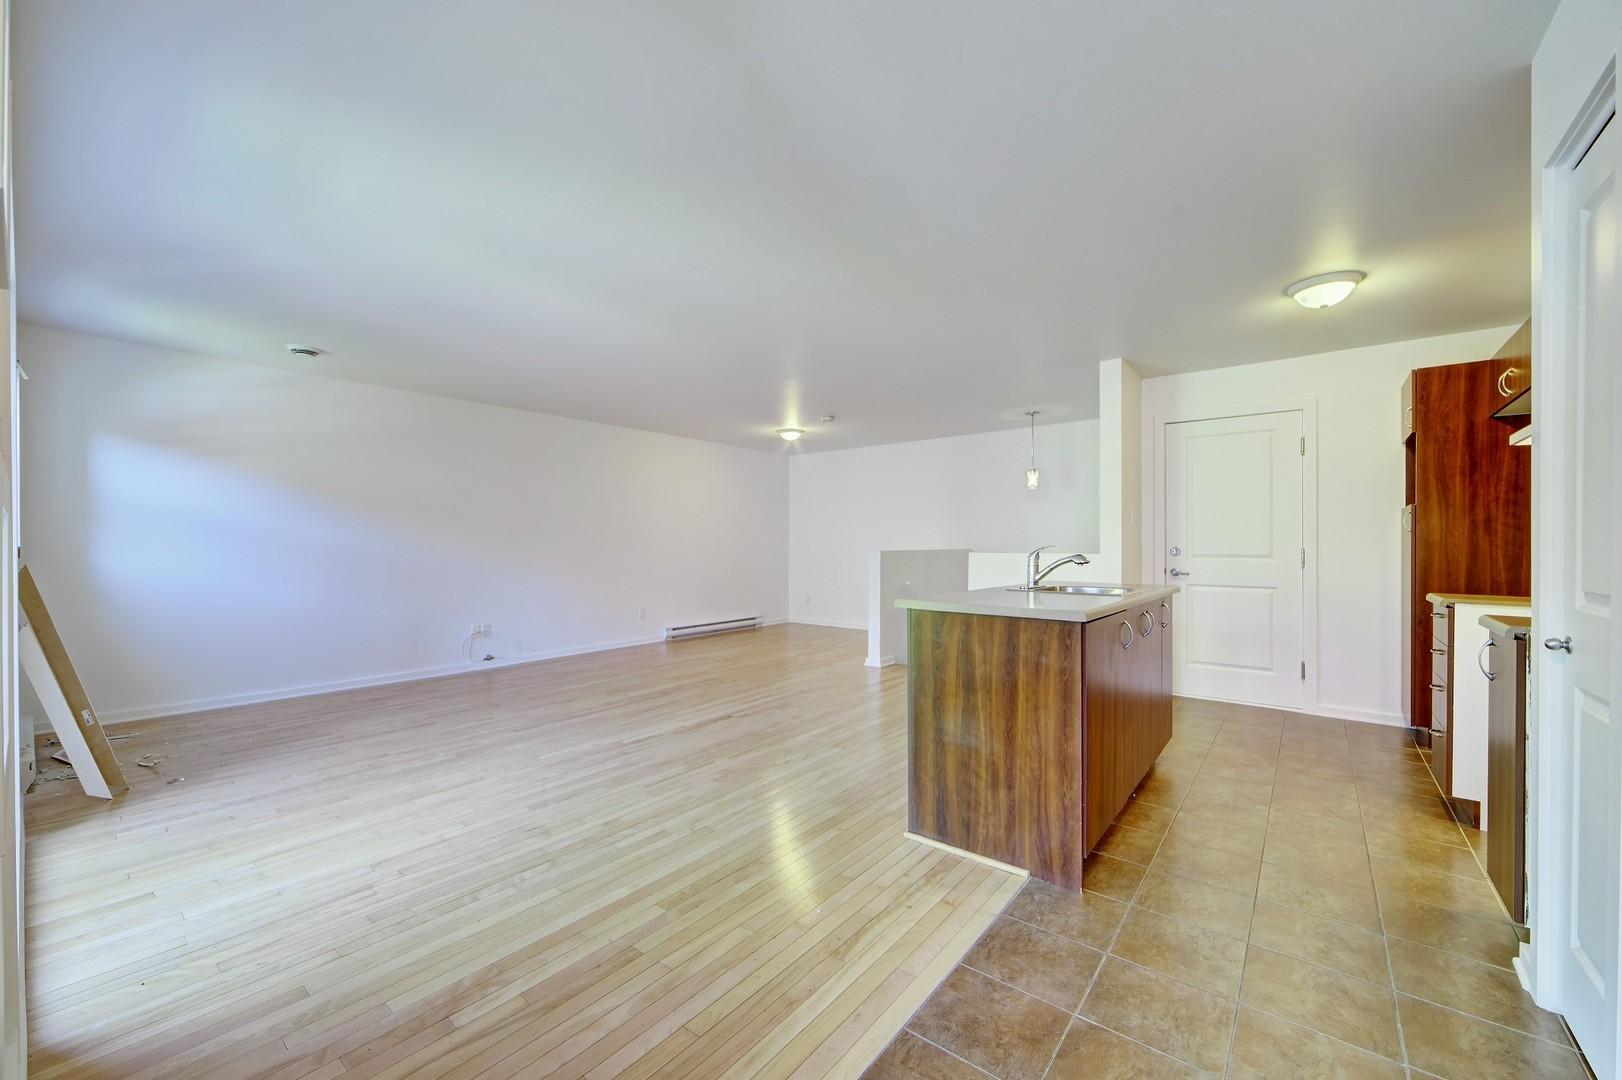 image 11 - Condo - For rent - Montréal  (Rivière-des-Prairies) - 4 rooms